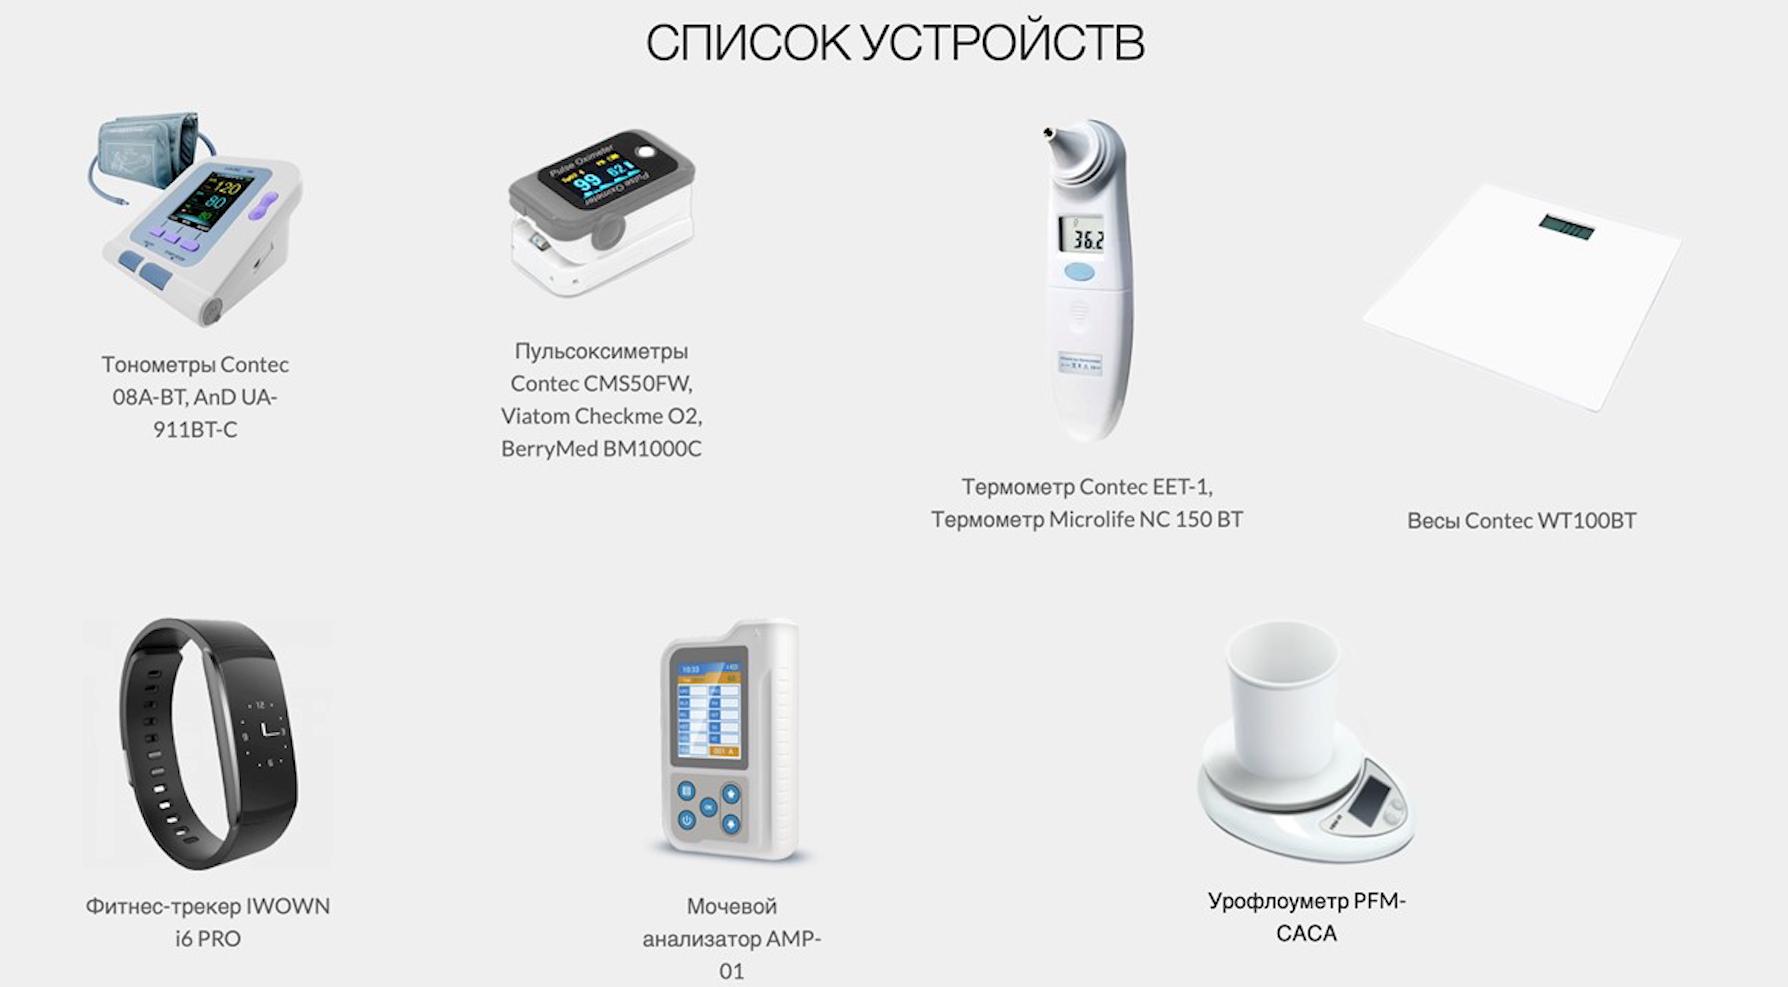 Медицинские устройства и гаджеты, которые подключены к российскому приложению, для дистанционного мониторинга пациентов